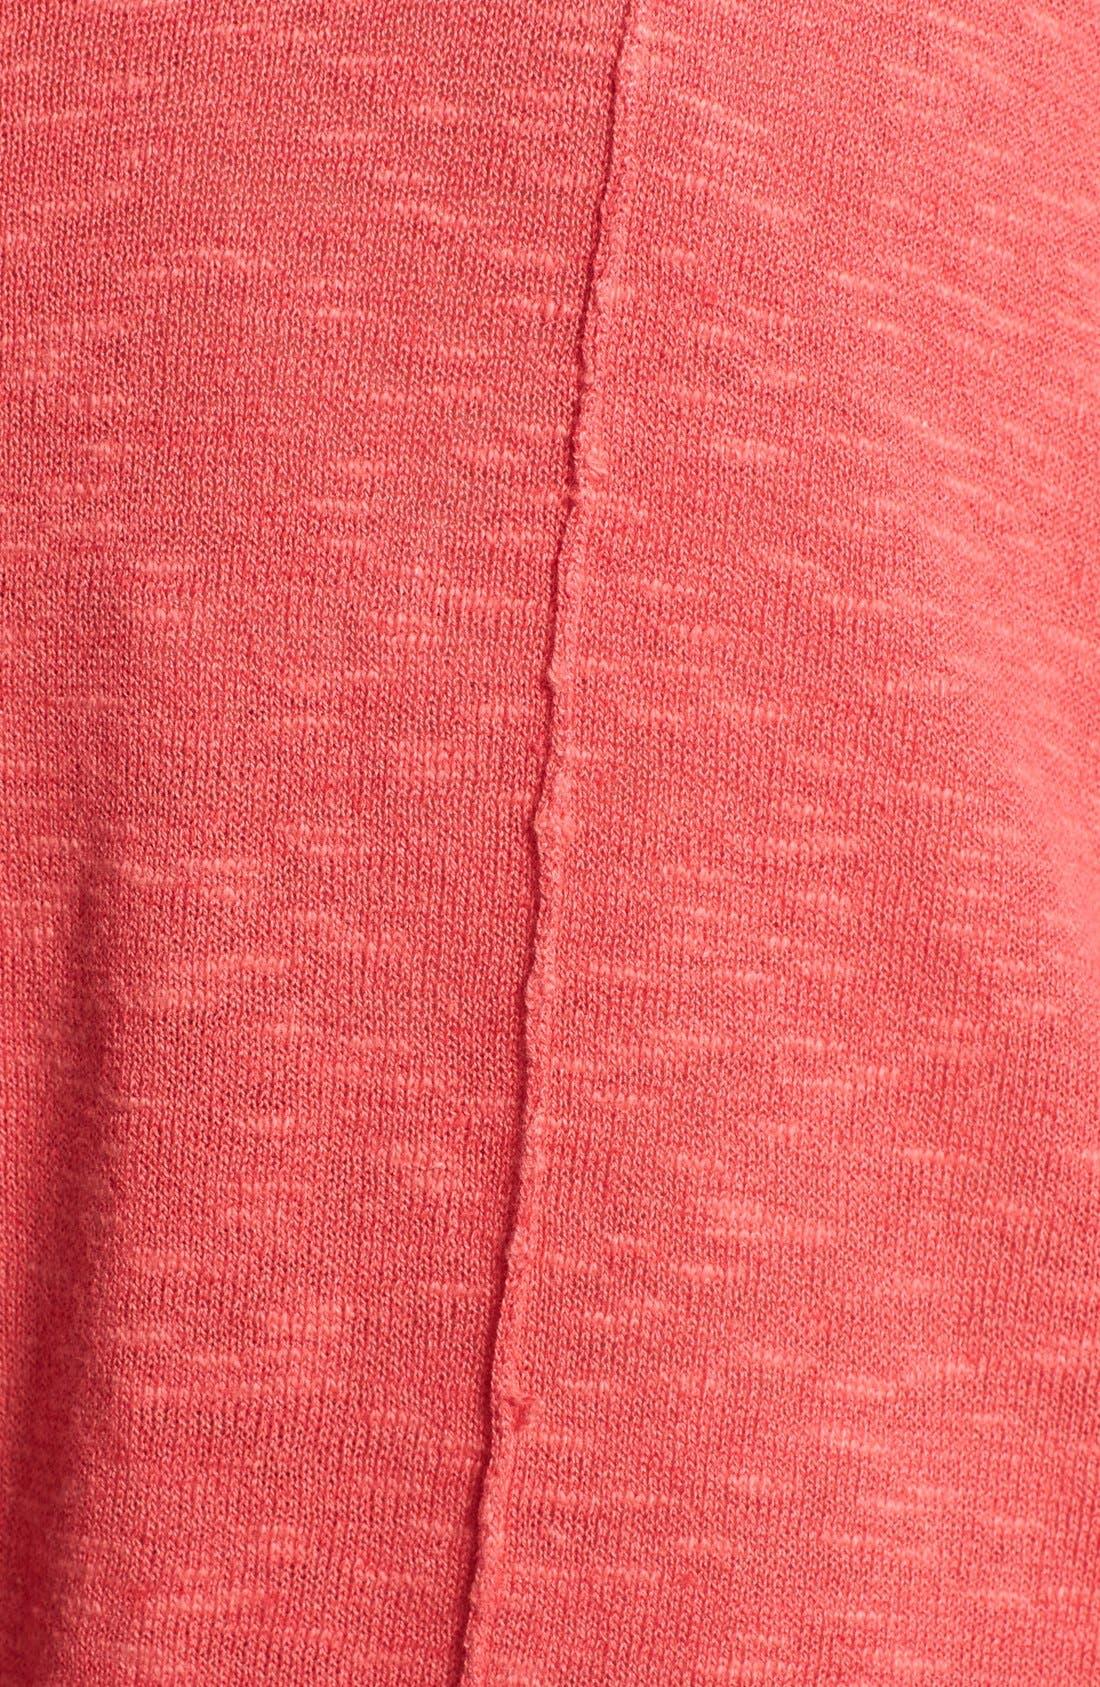 Alternate Image 3  - Eileen Fisher Cap Sleeve Organic Linen & Cotton Scoop Neck Top (Regular & Petite)